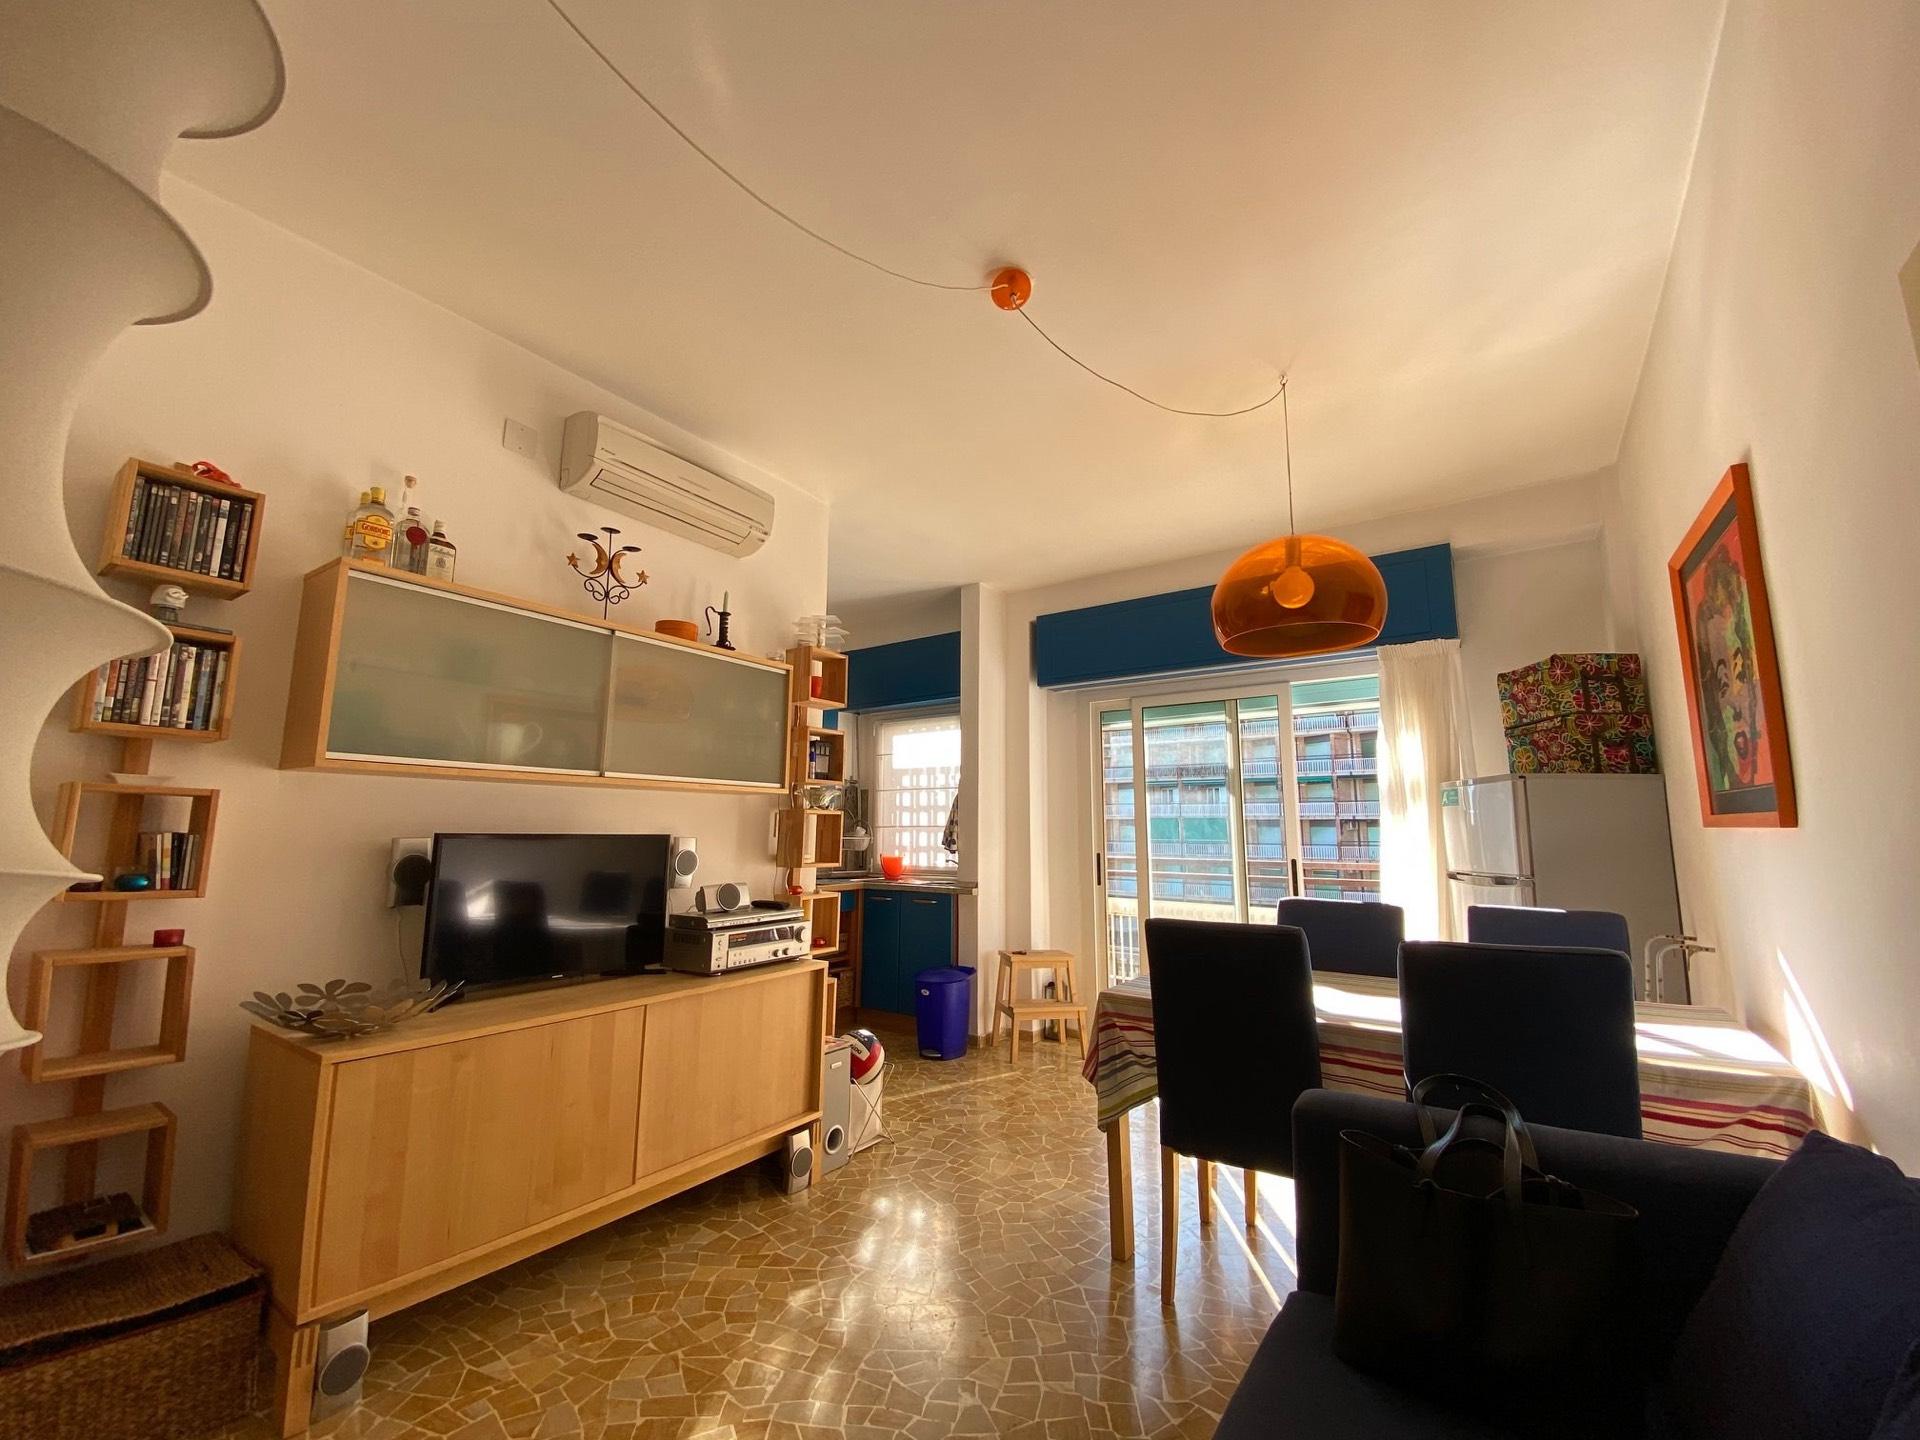 Appartamento in vendita a Grado, 3 locali, prezzo € 195.000 | PortaleAgenzieImmobiliari.it